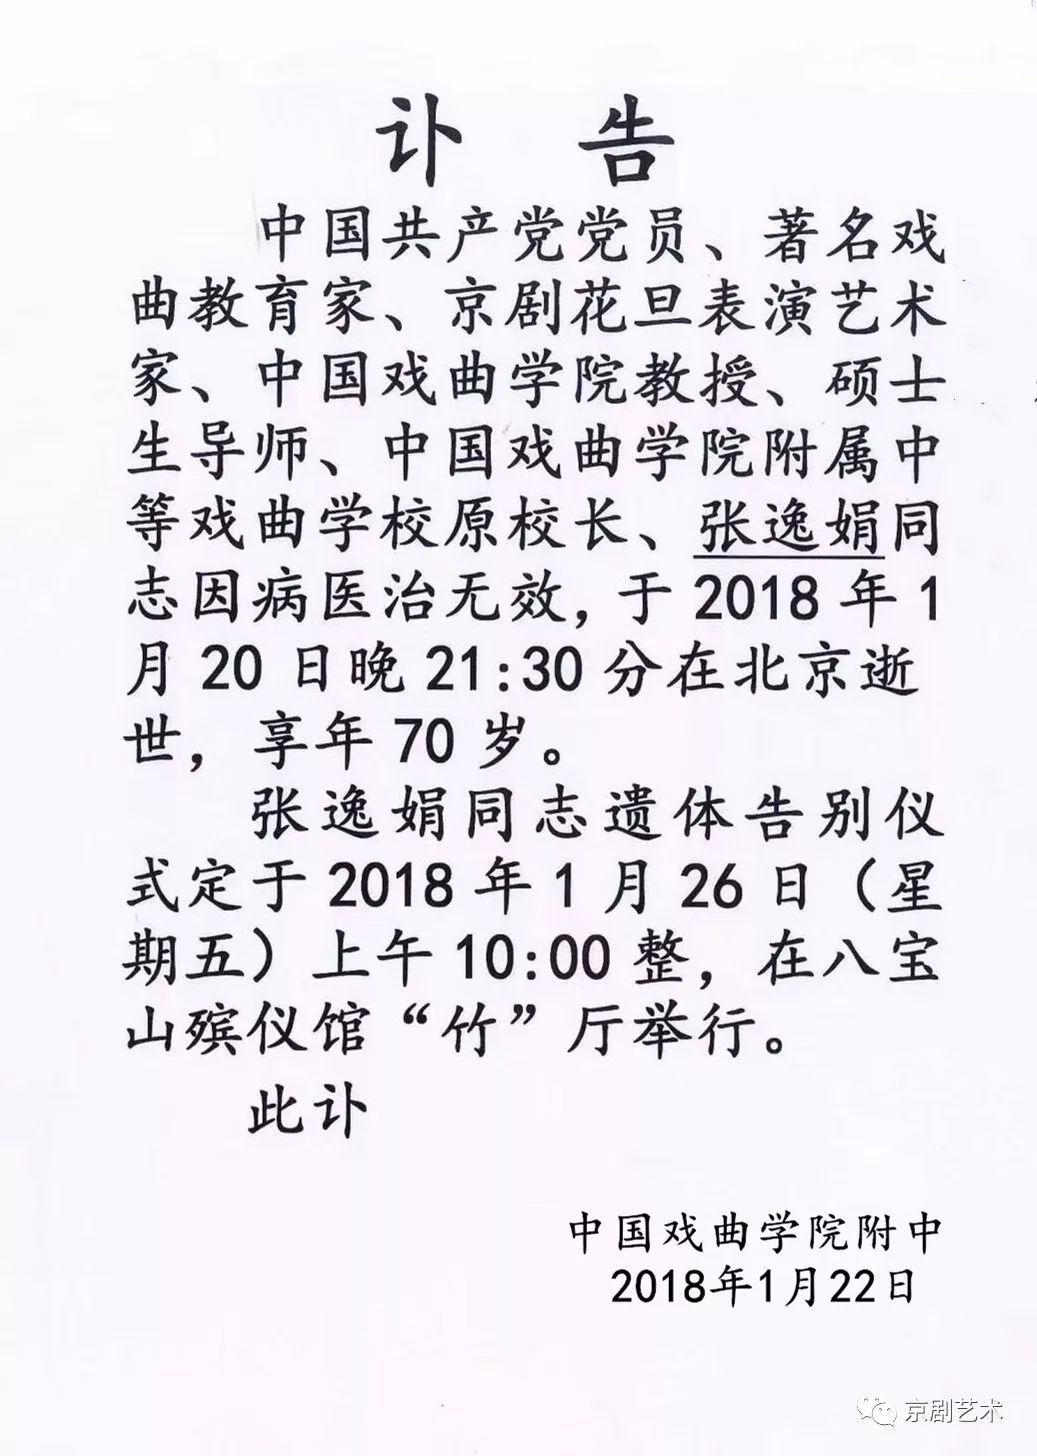 讣告:张逸娟同志遗体告别仪式定于2018年1月26日(星期五